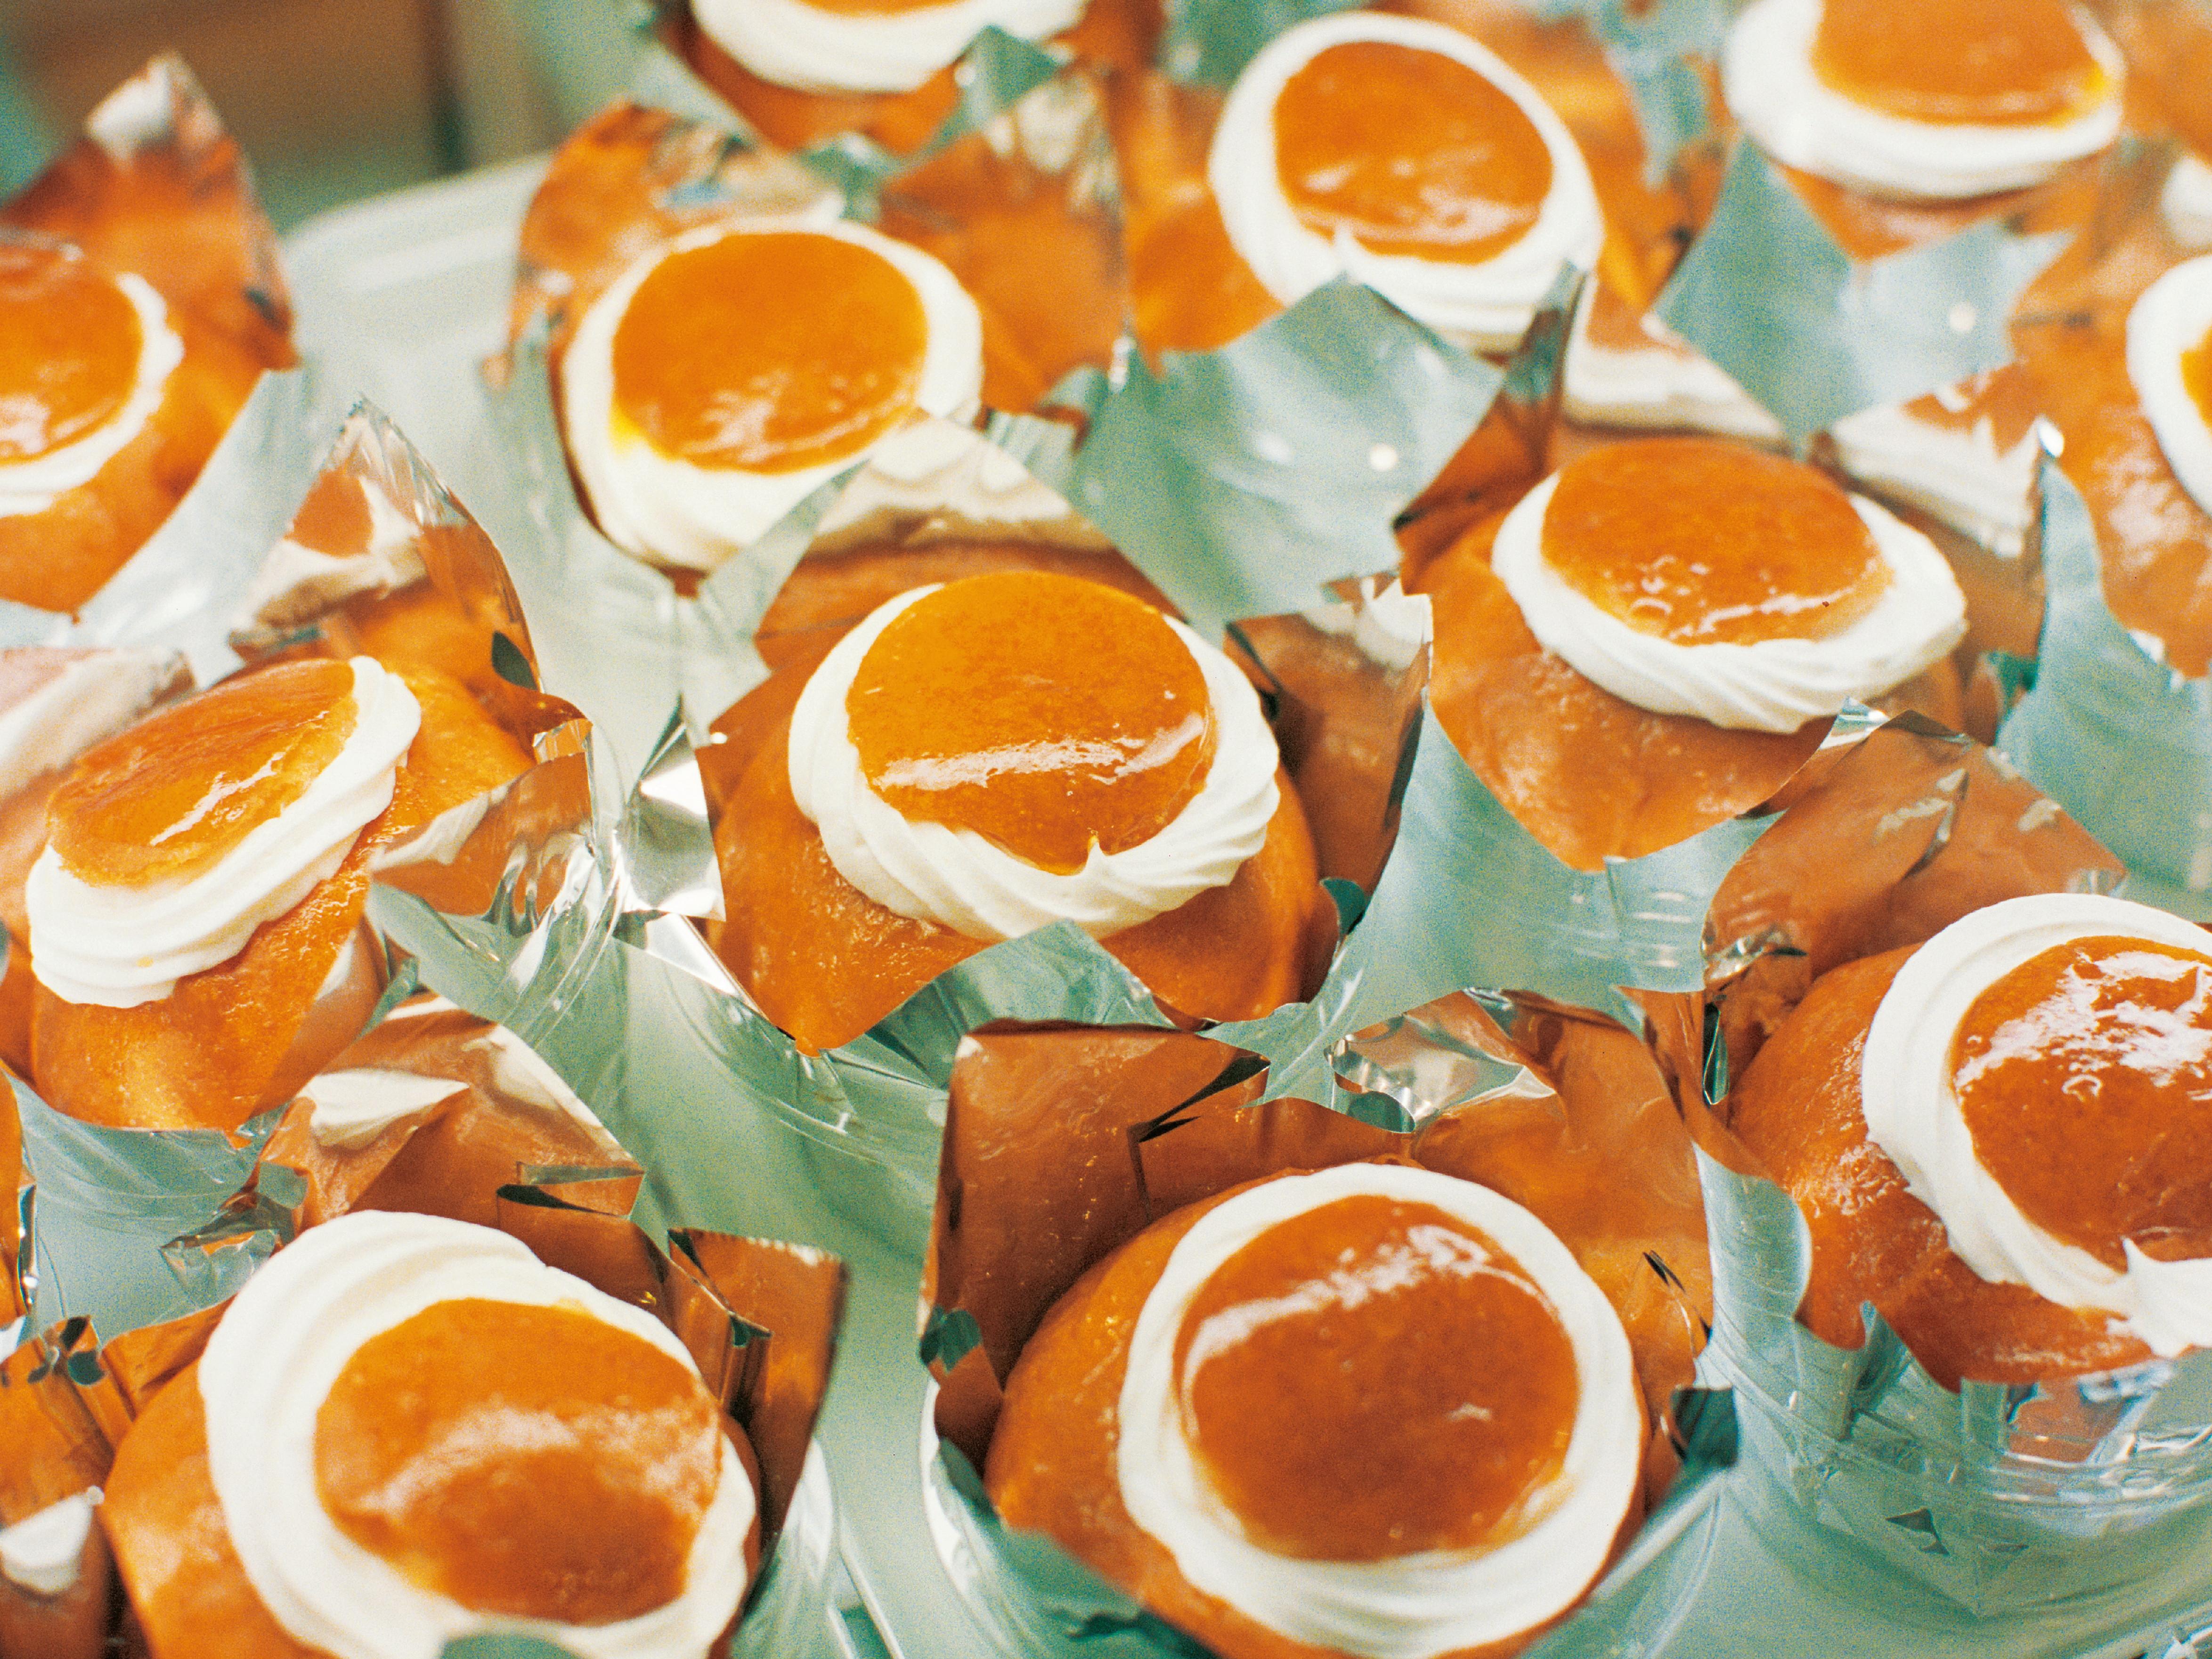 東販小食堂:薩瓦蘭蛋糕